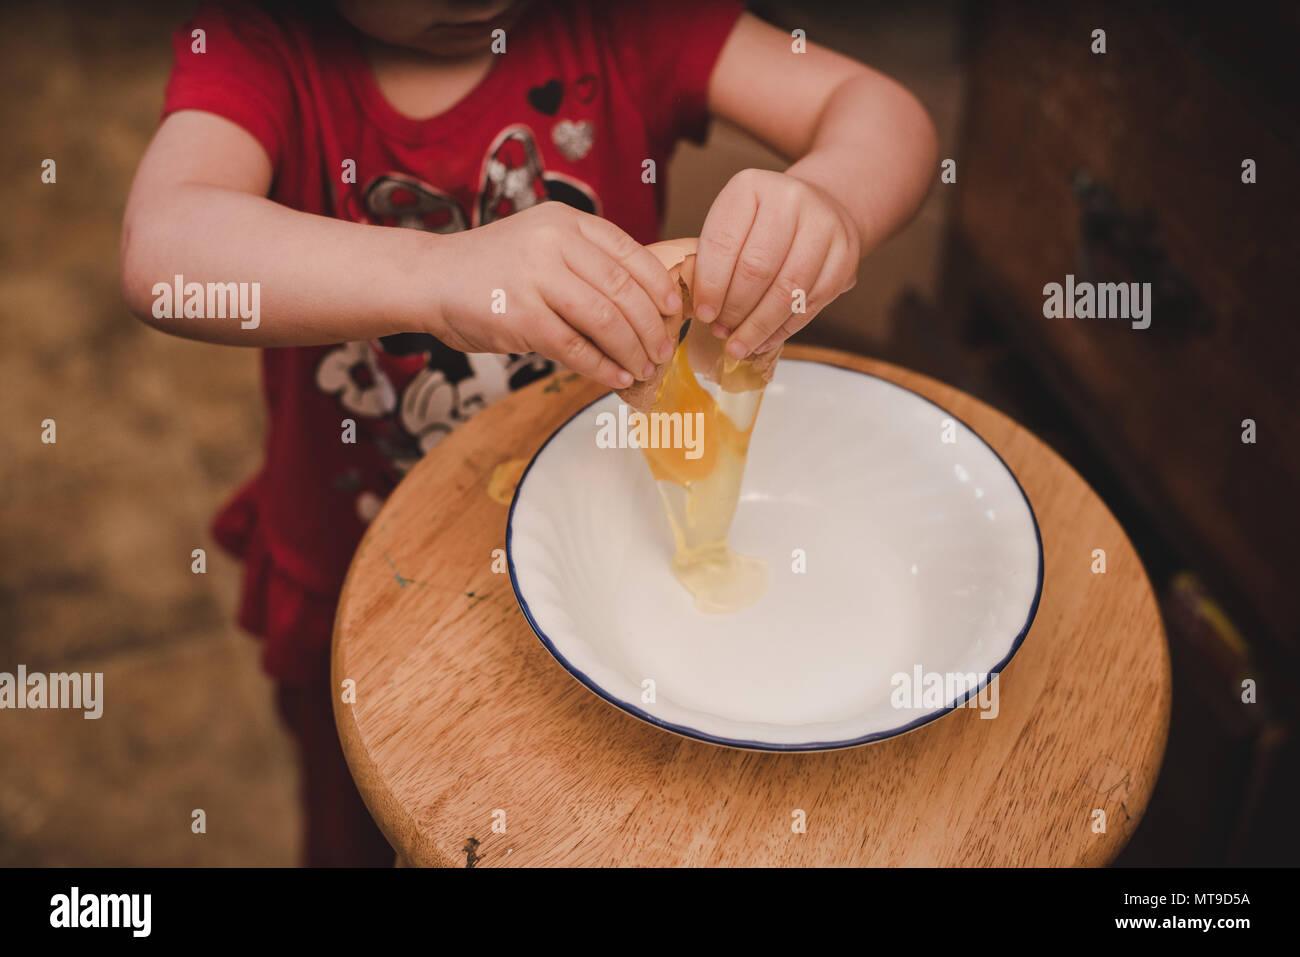 Un bambin un craquage d'oeufs frais de la ferme dans un bol. Photo Stock